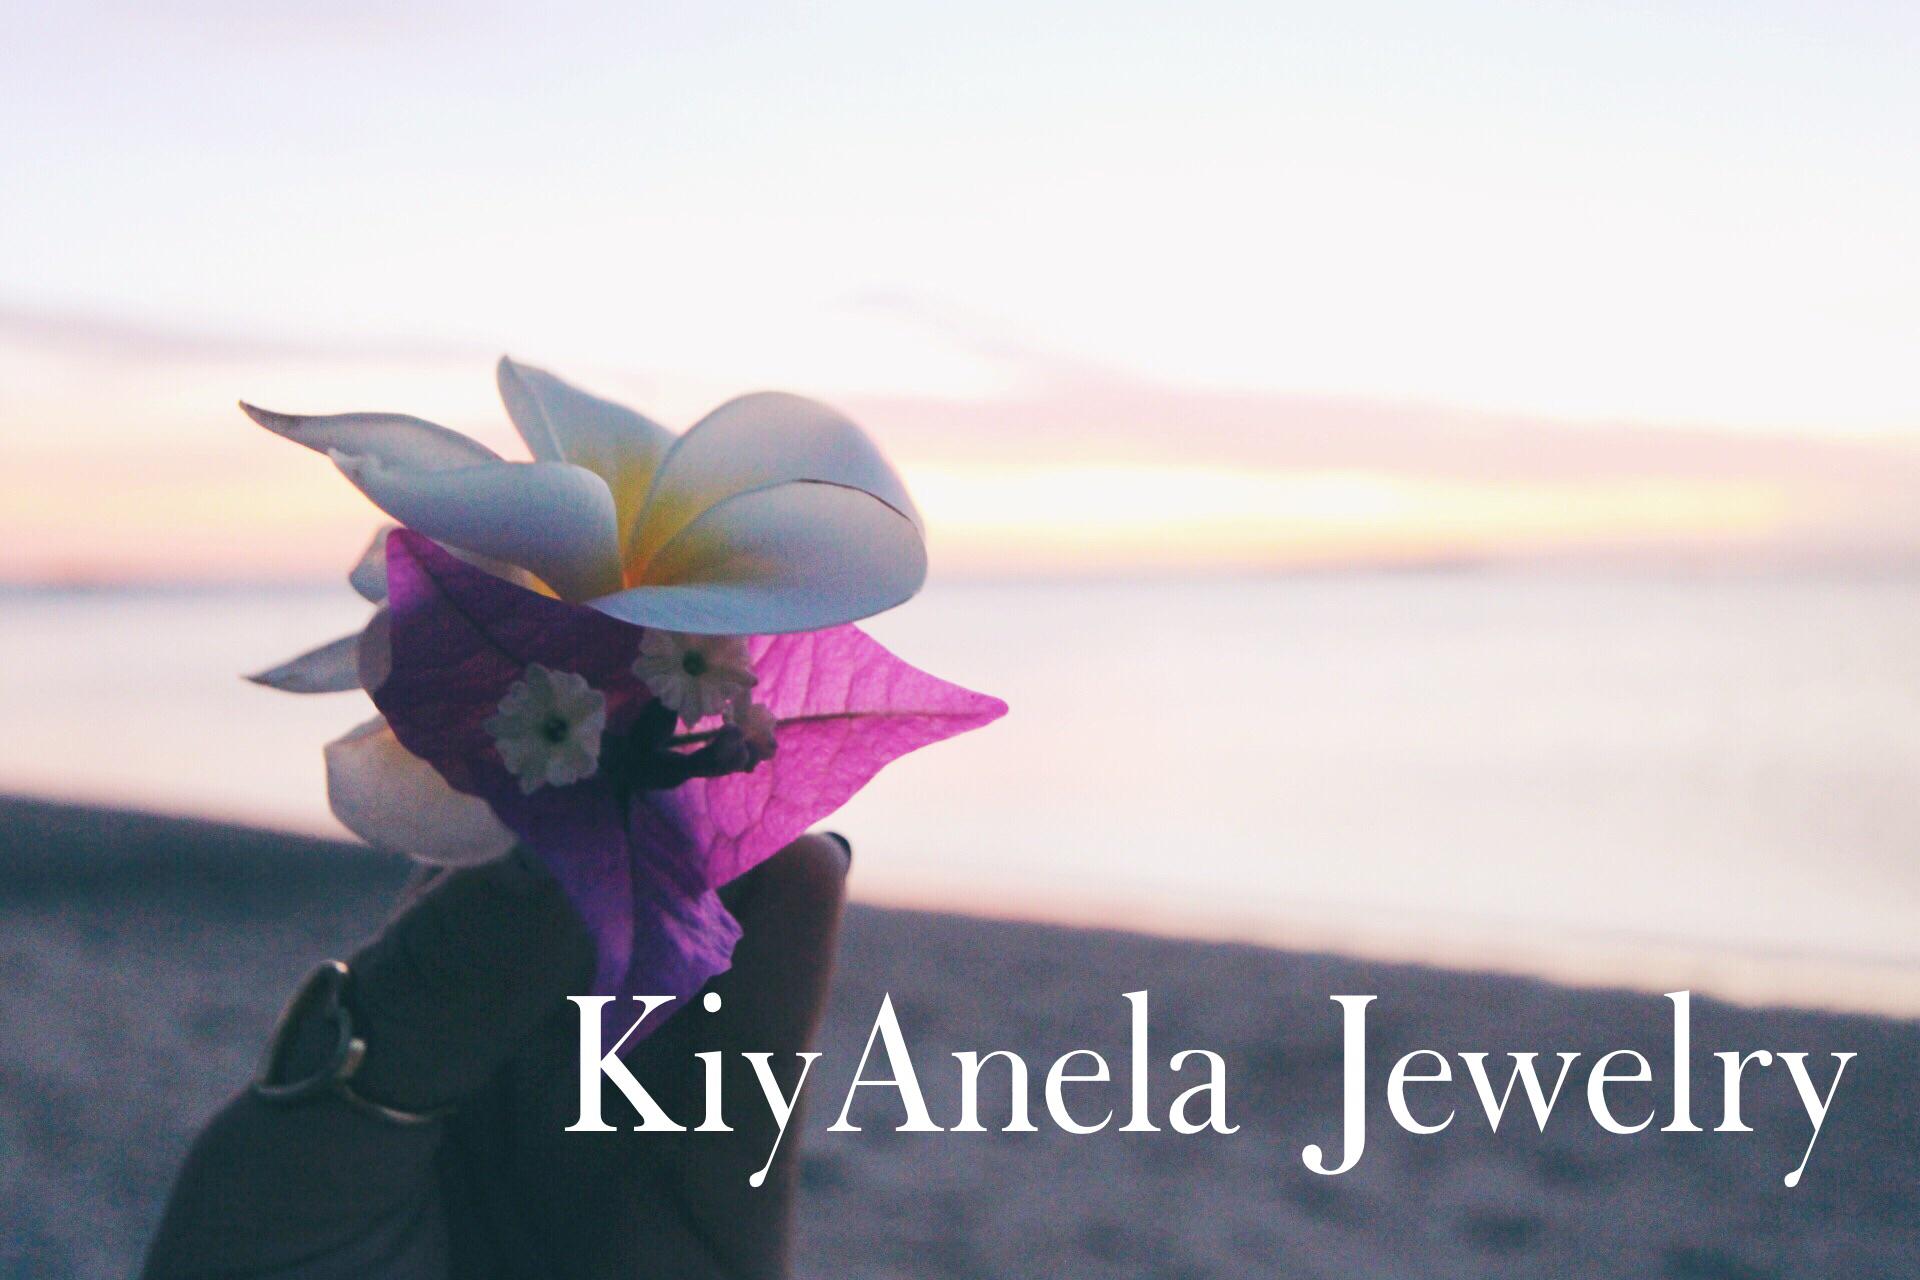 KiyAnela Jewelry.